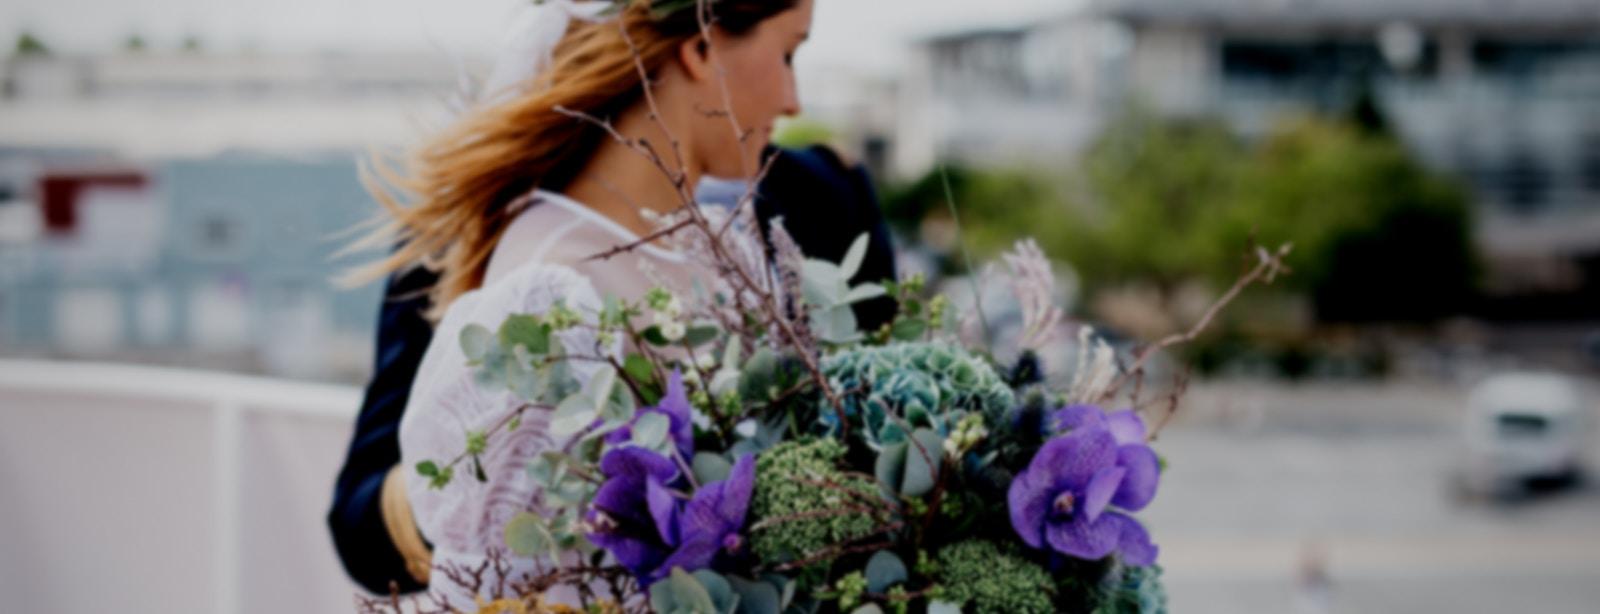 Boho Braut mit Brautstrauß an ihrer Hochzeit - weddista der Hochzeitsmarktplatz